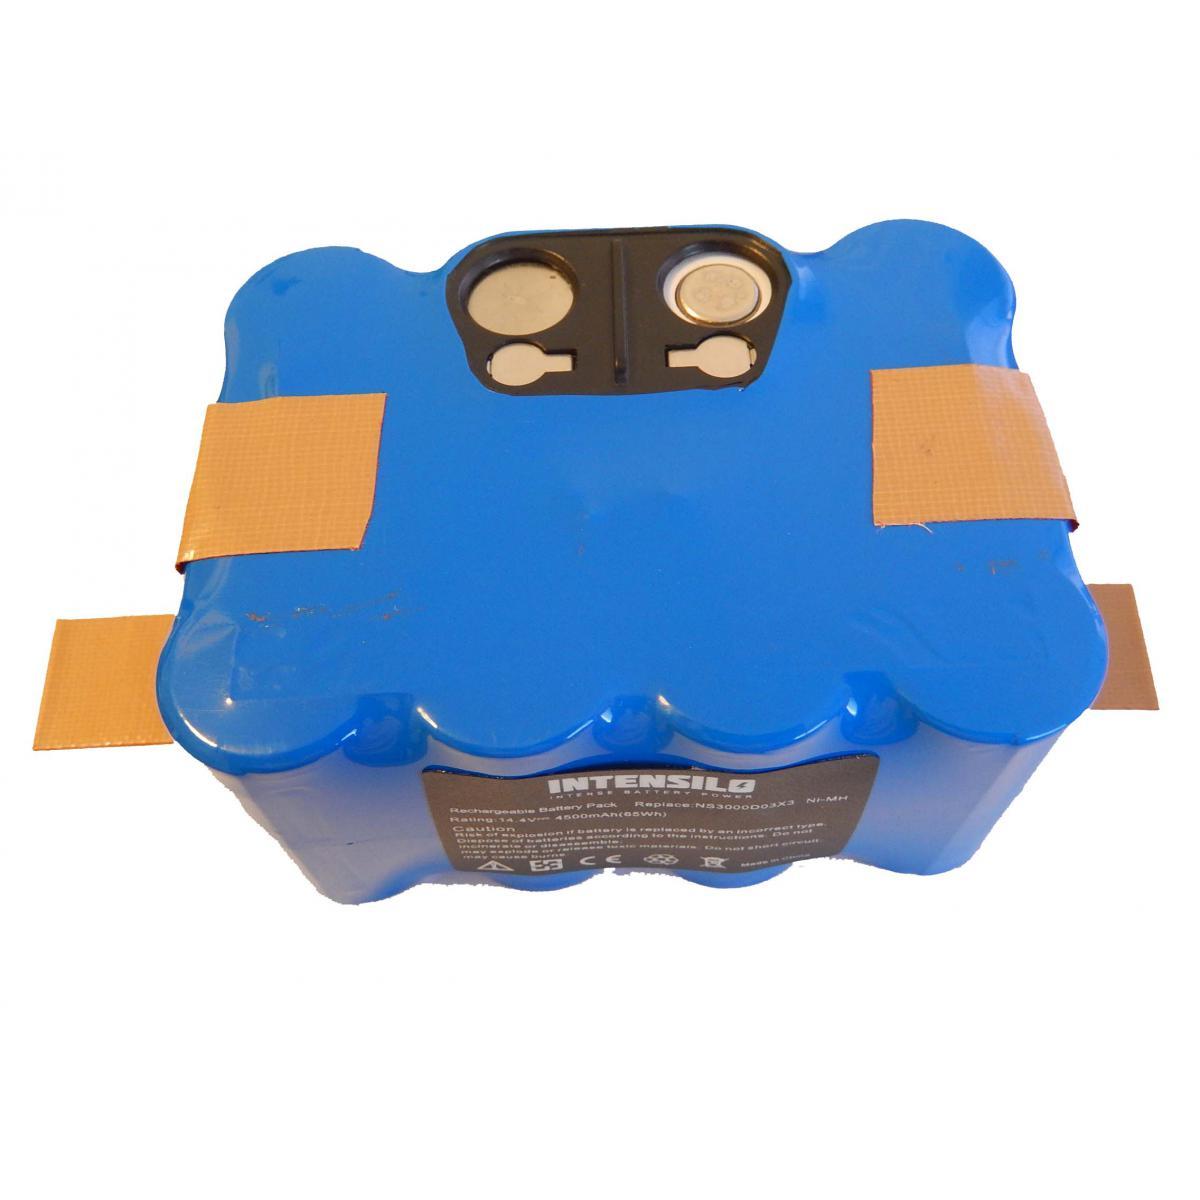 Vhbw INTENSILO NiMH Batterie 4500mAh (14.4V) pour aspirateur robot Home Cleaner Nestor E.Ziclean Furtiv. Remplace : NS3000D03